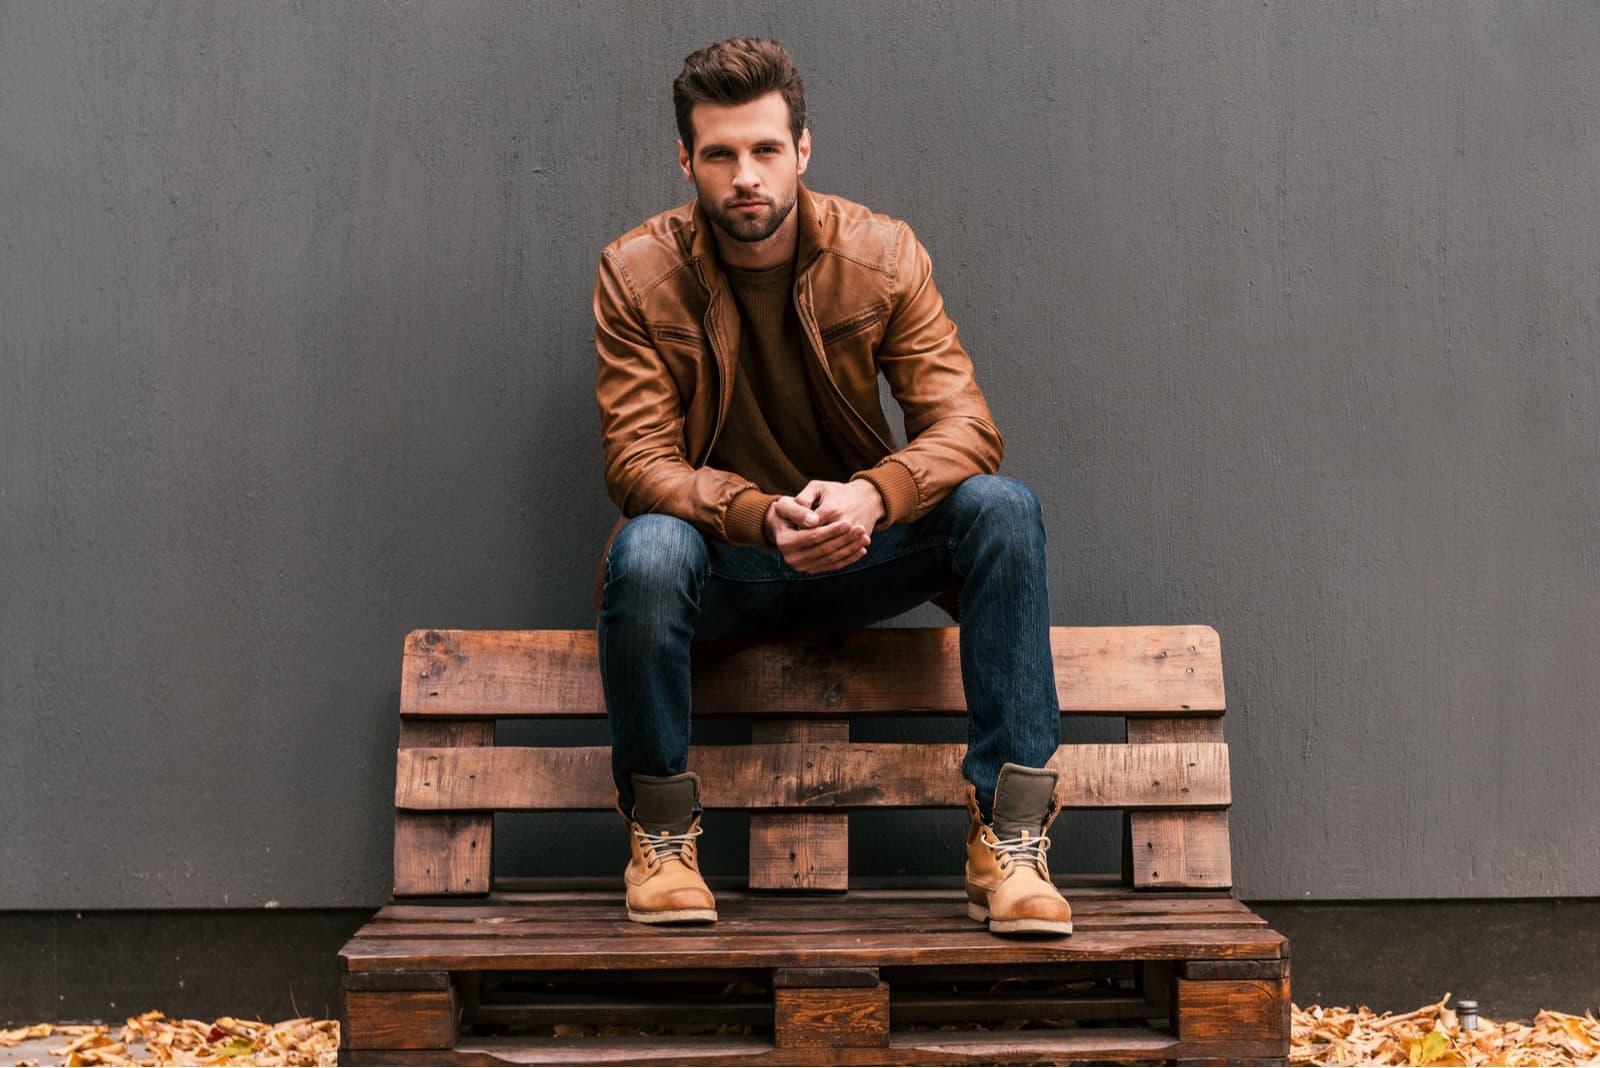 ein Mann sitzt auf einer Holzbank